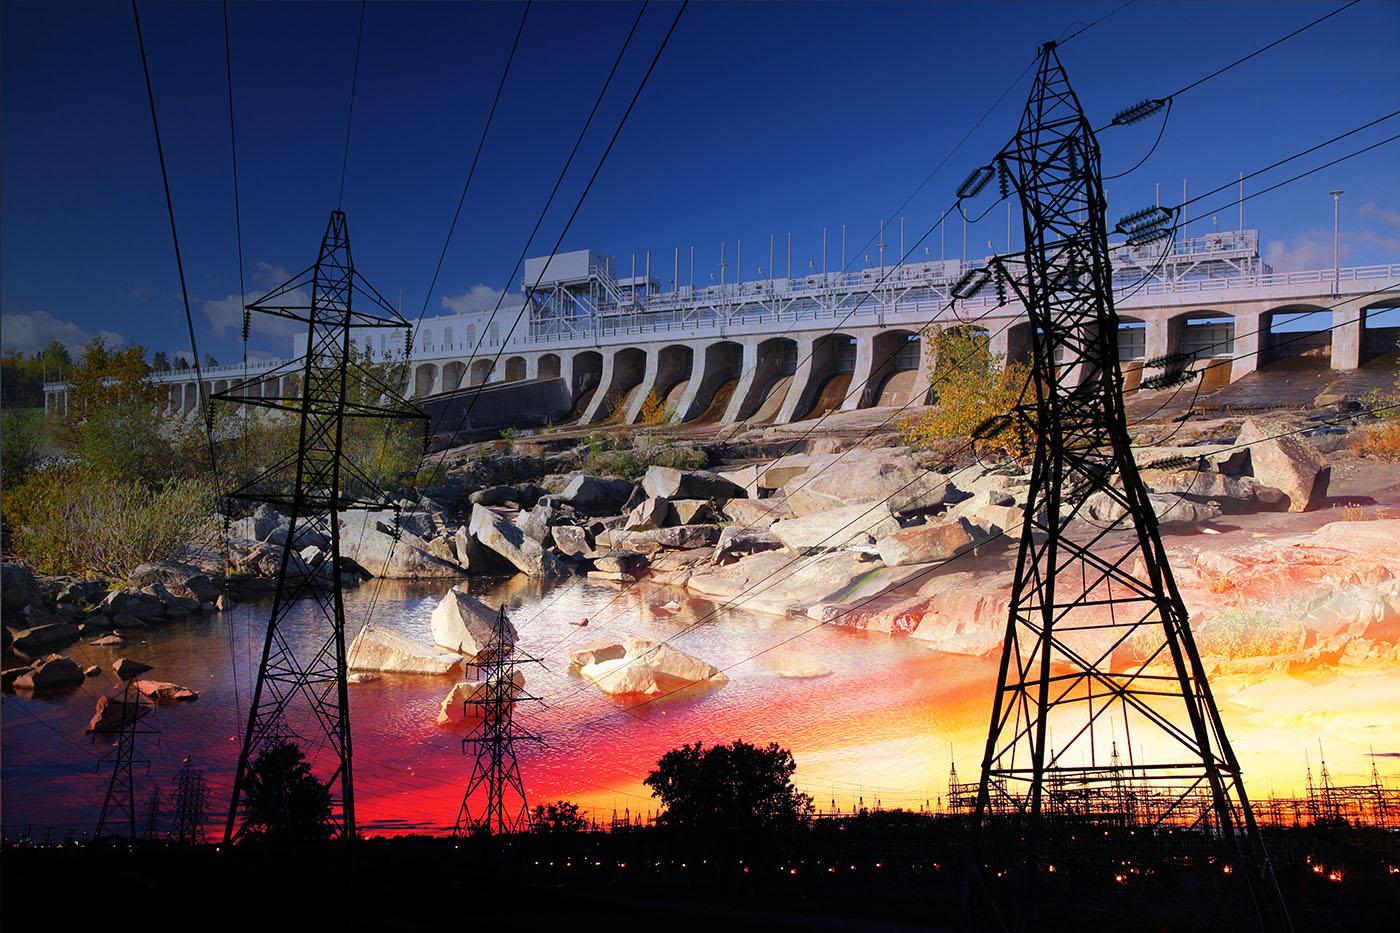 Barrage Electrique 03 - photo stock